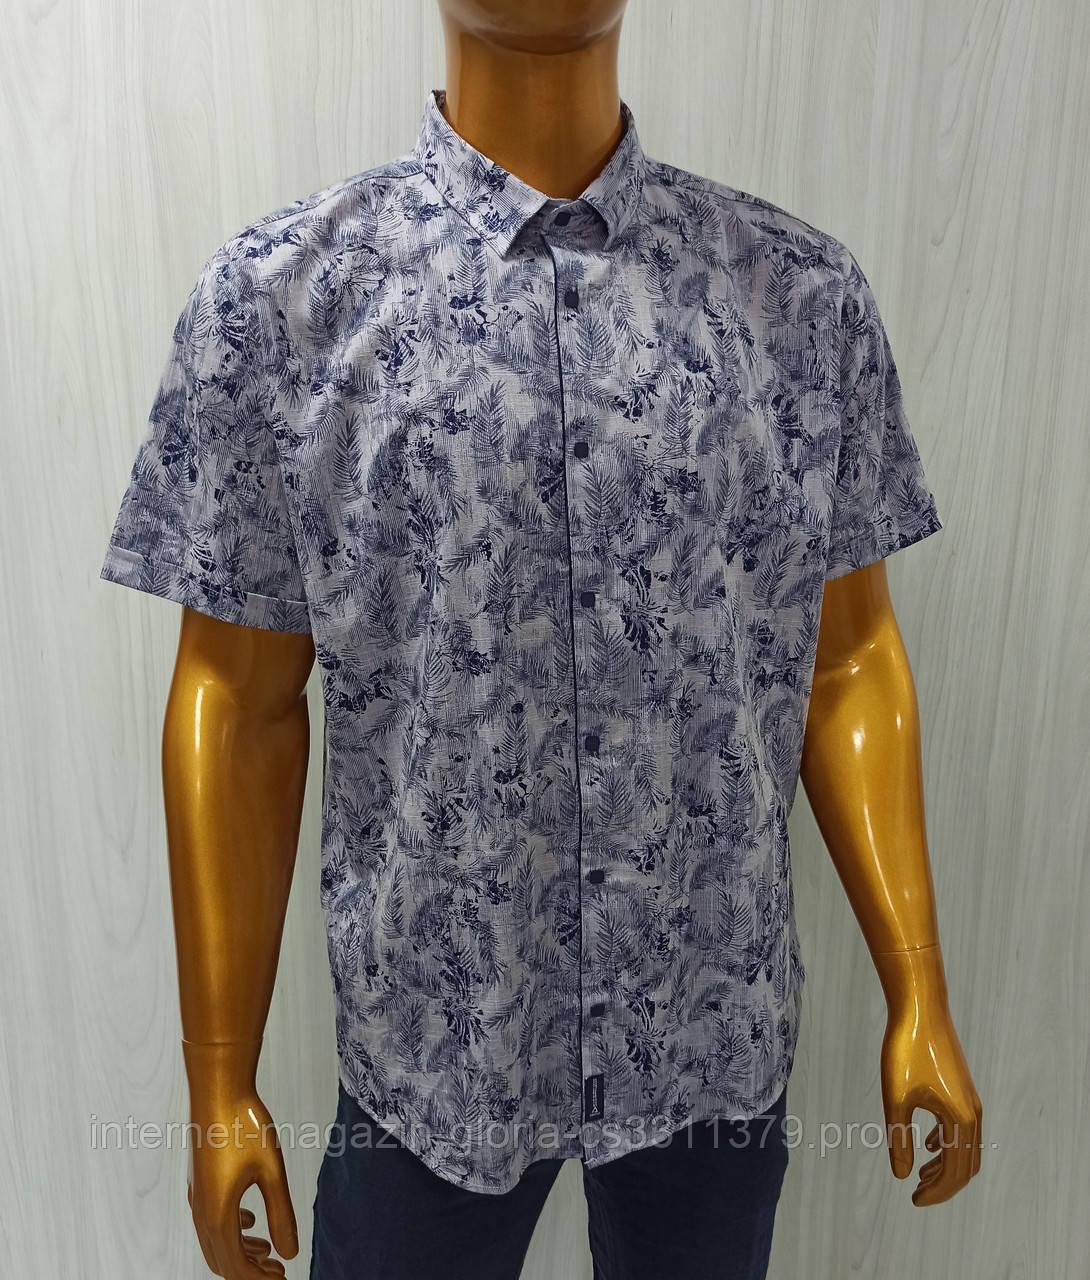 Мужская рубашка Amato. AG.20001. Размеры: 2XL,3L,4XL,5XL.